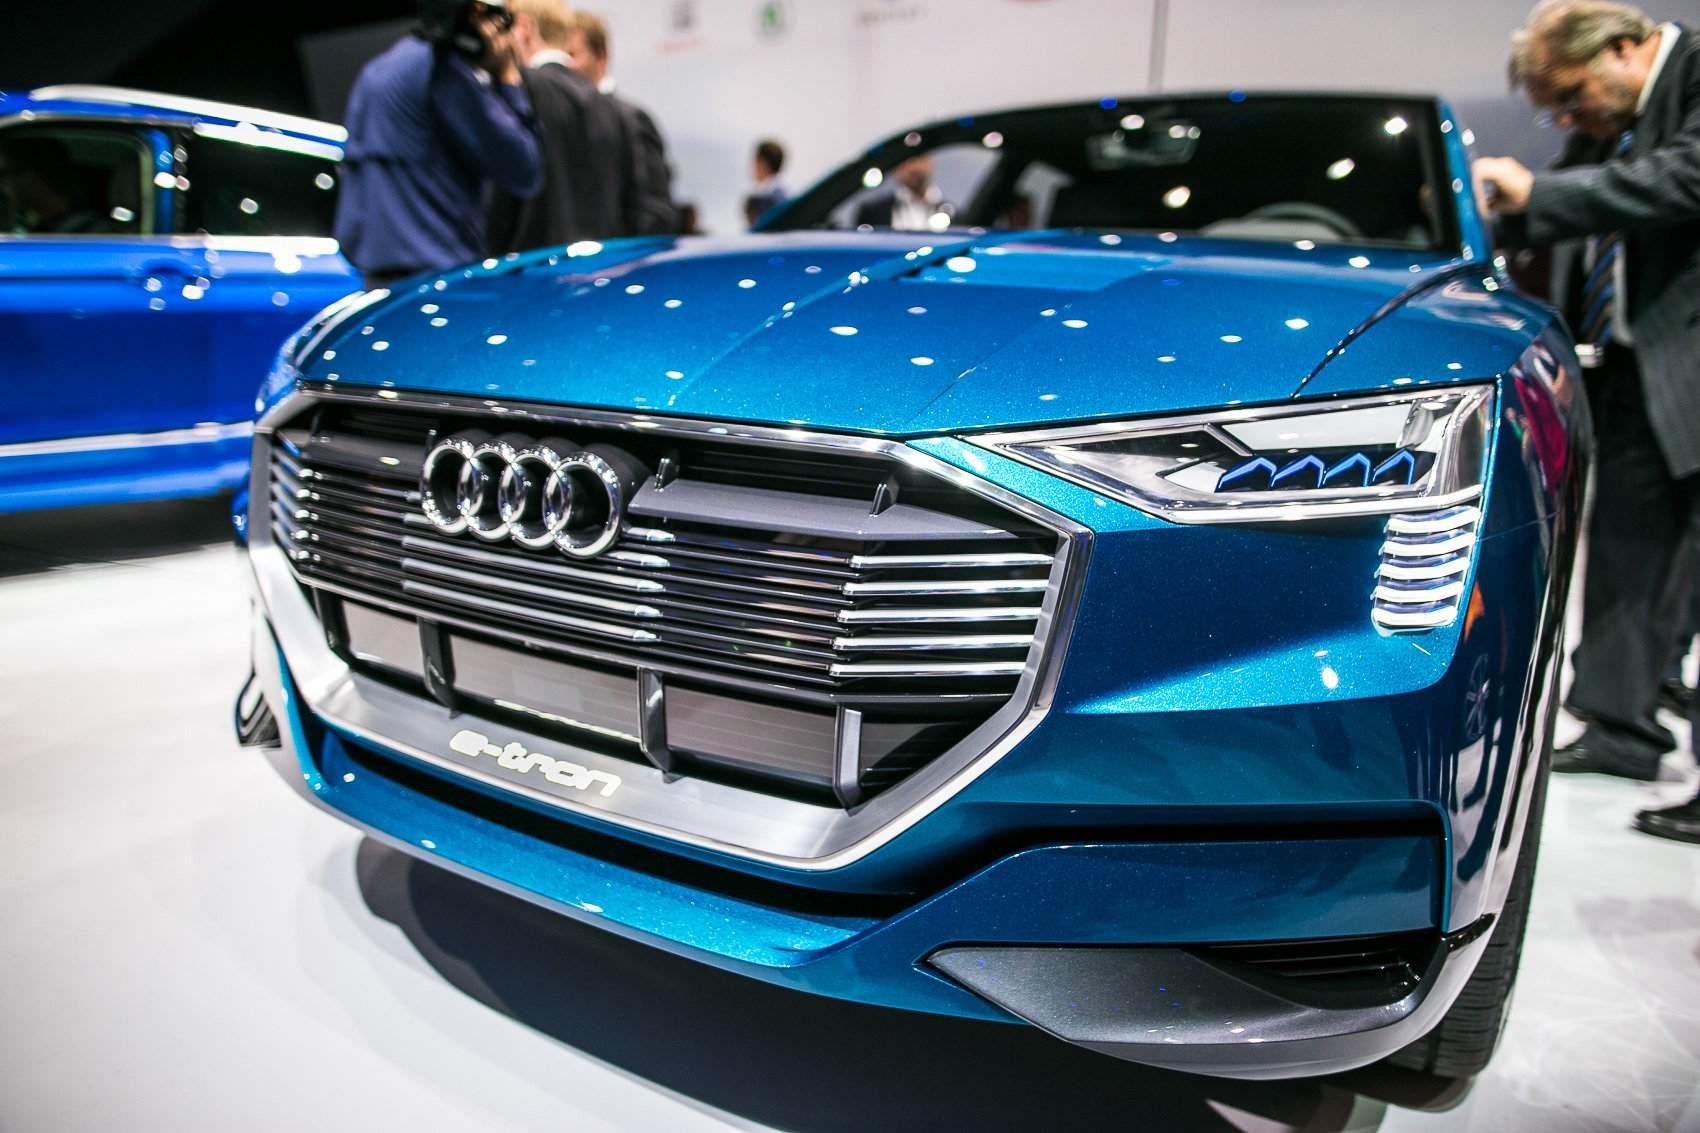 Audi-eTron-quattro-Concept-12